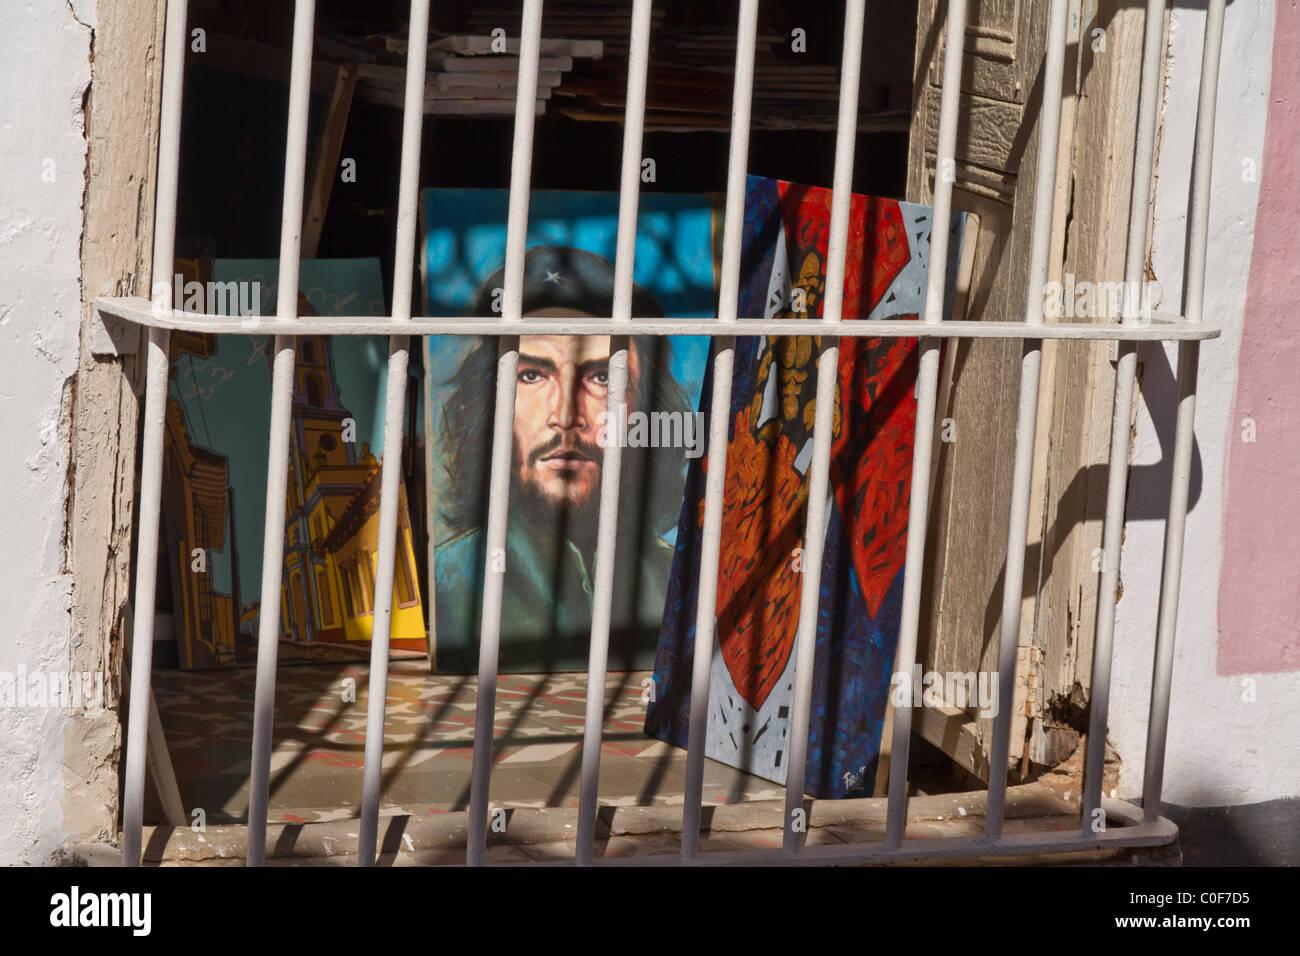 Kubanische Kunst, Che Guevara Malerei, Trinidad, Kuba Stockbild